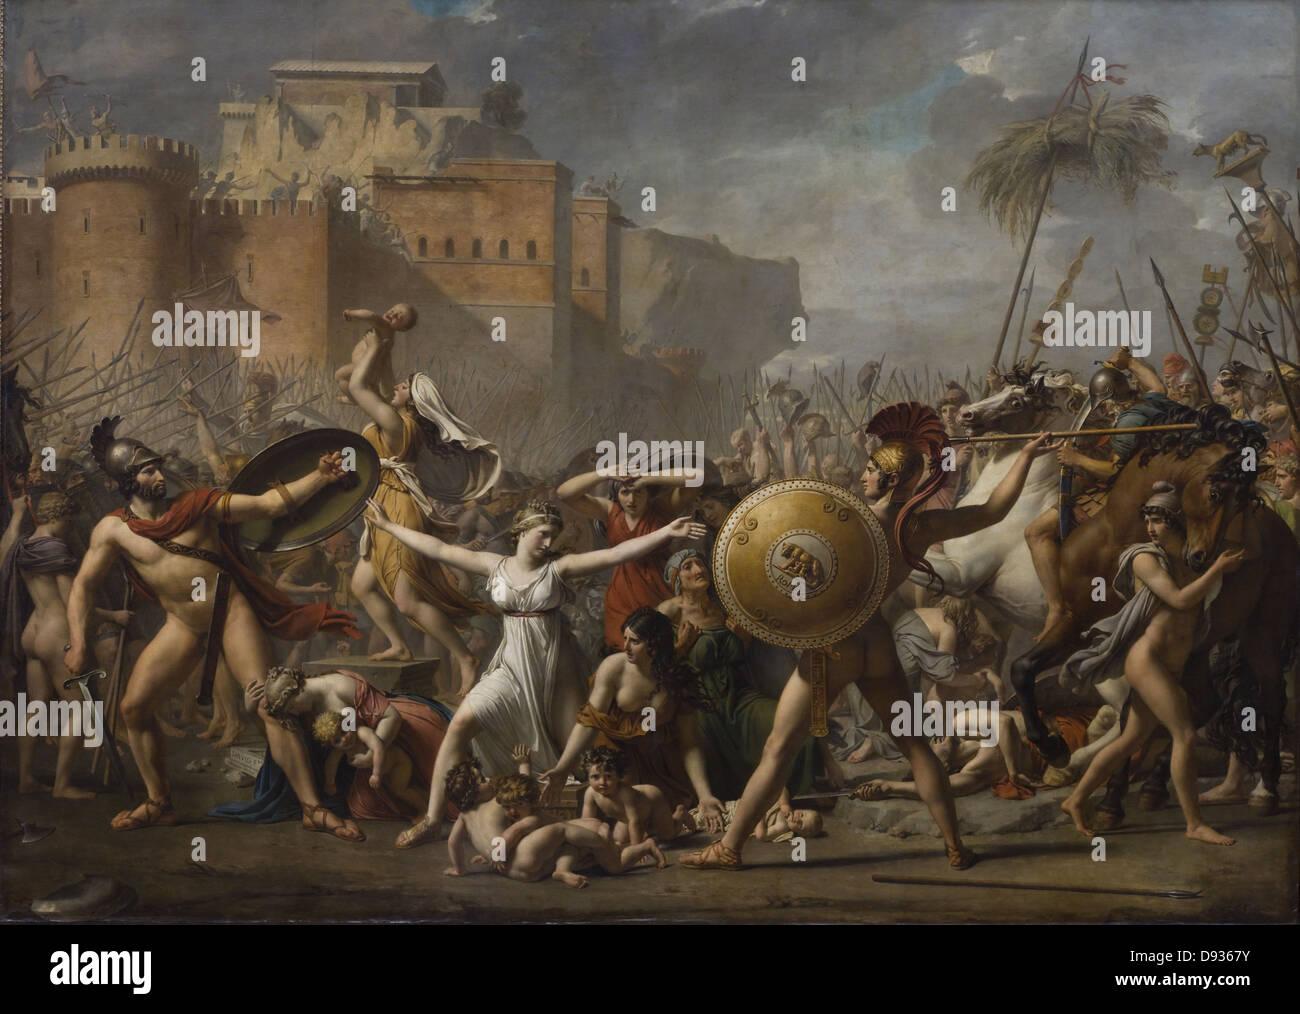 Louis David Les Sabines 1808 XIX th Century French school Louvre Museum - Paris - Stock Image